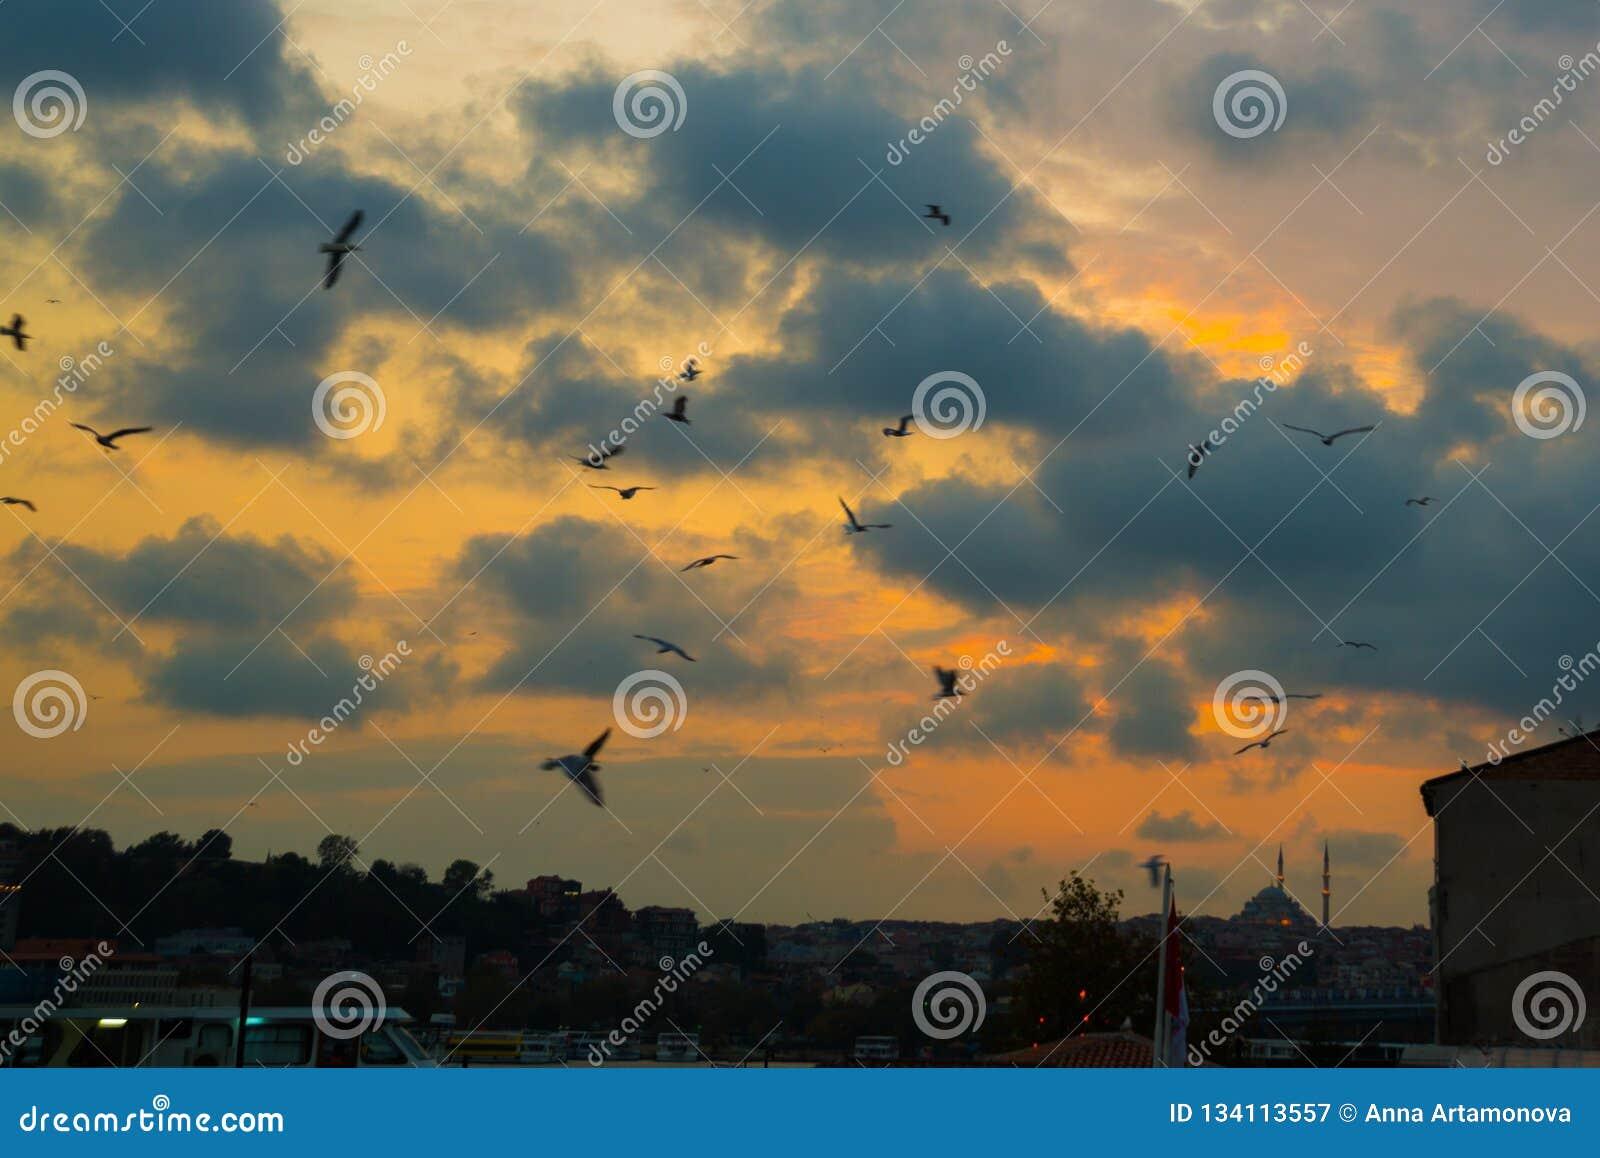 Istanbul, Turquie : Beaux oiseaux de ciel nocturne et de vol, mosquée dans la distance